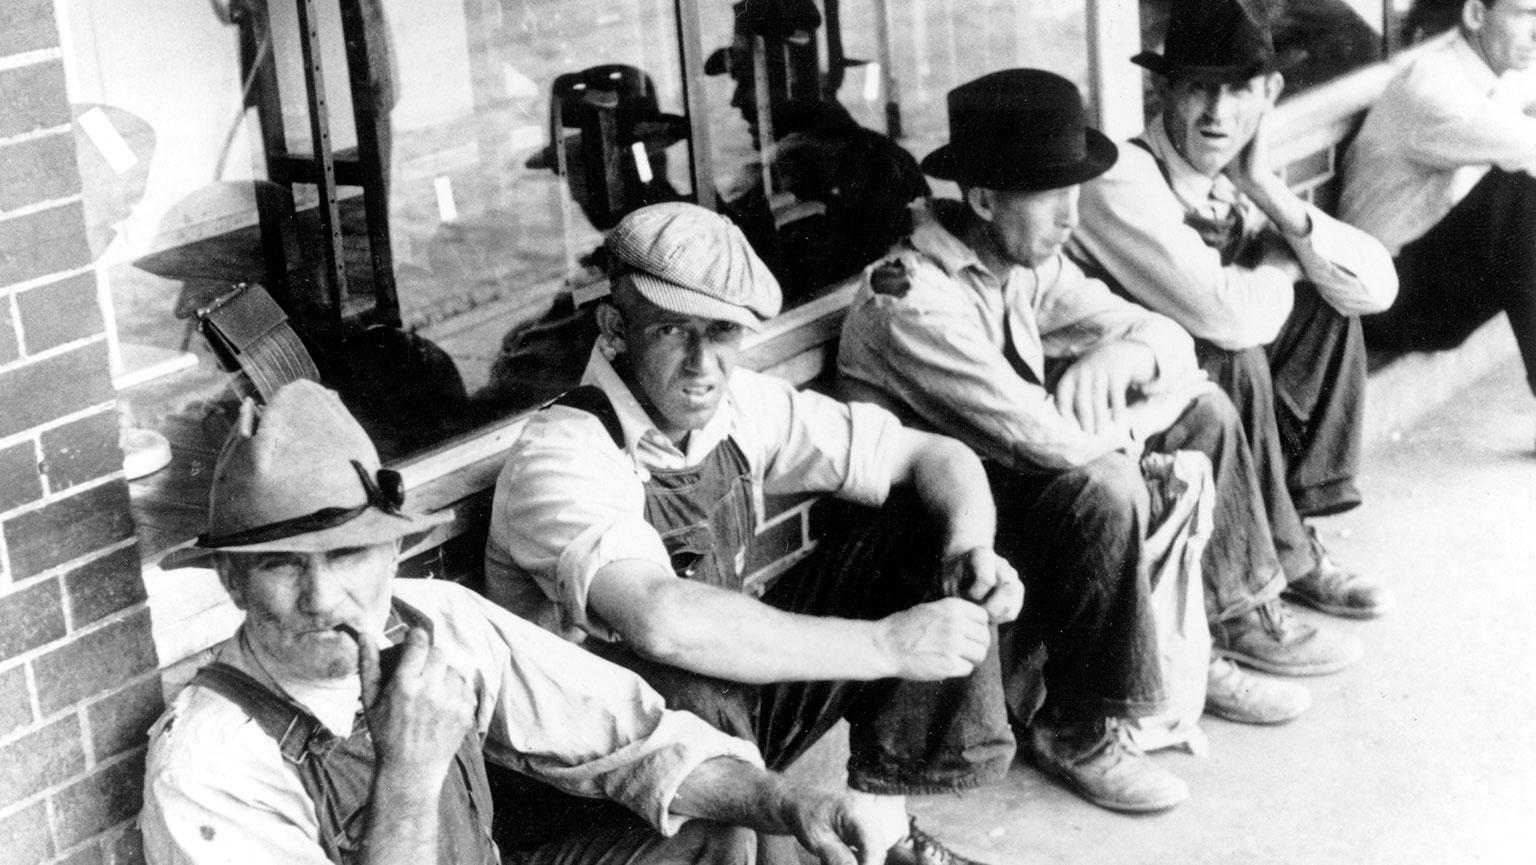 Savaitės kalendorius: didžiosios depresijos pradžia, lėktuvo katastrofa Hondūre ir kiti svarbūs įvykiai